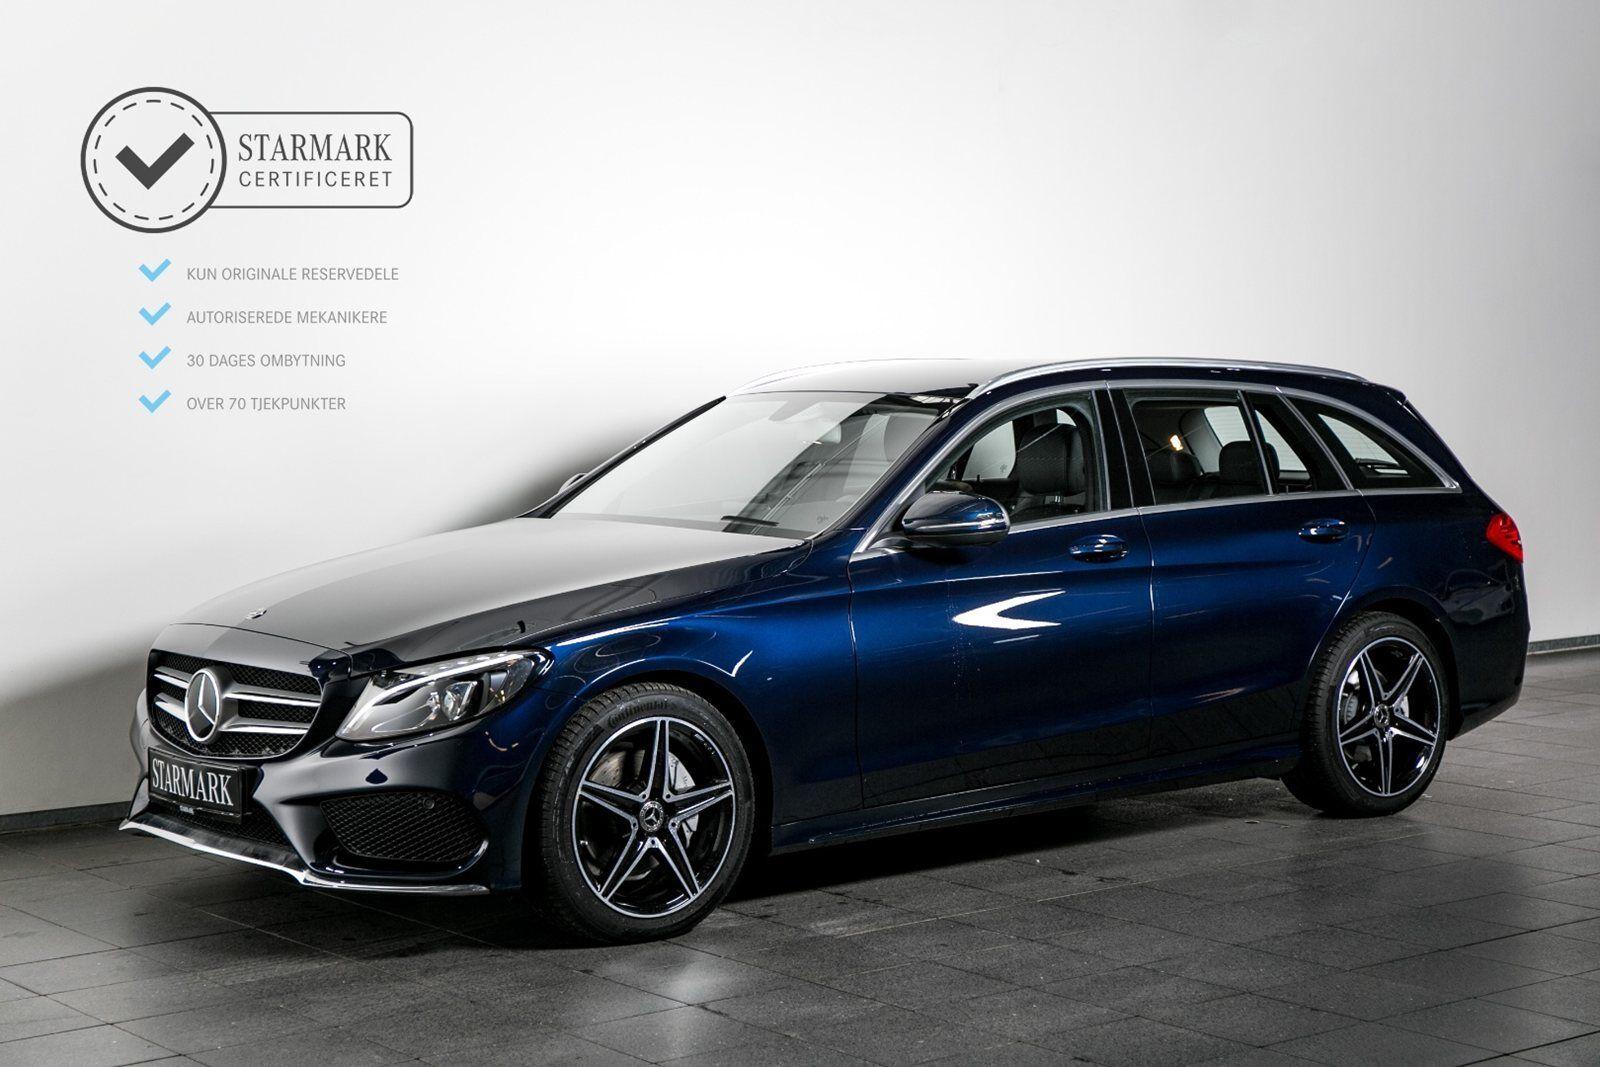 Mercedes C200 2,0 Edition C stc. aut. 5d - 449.900 kr.